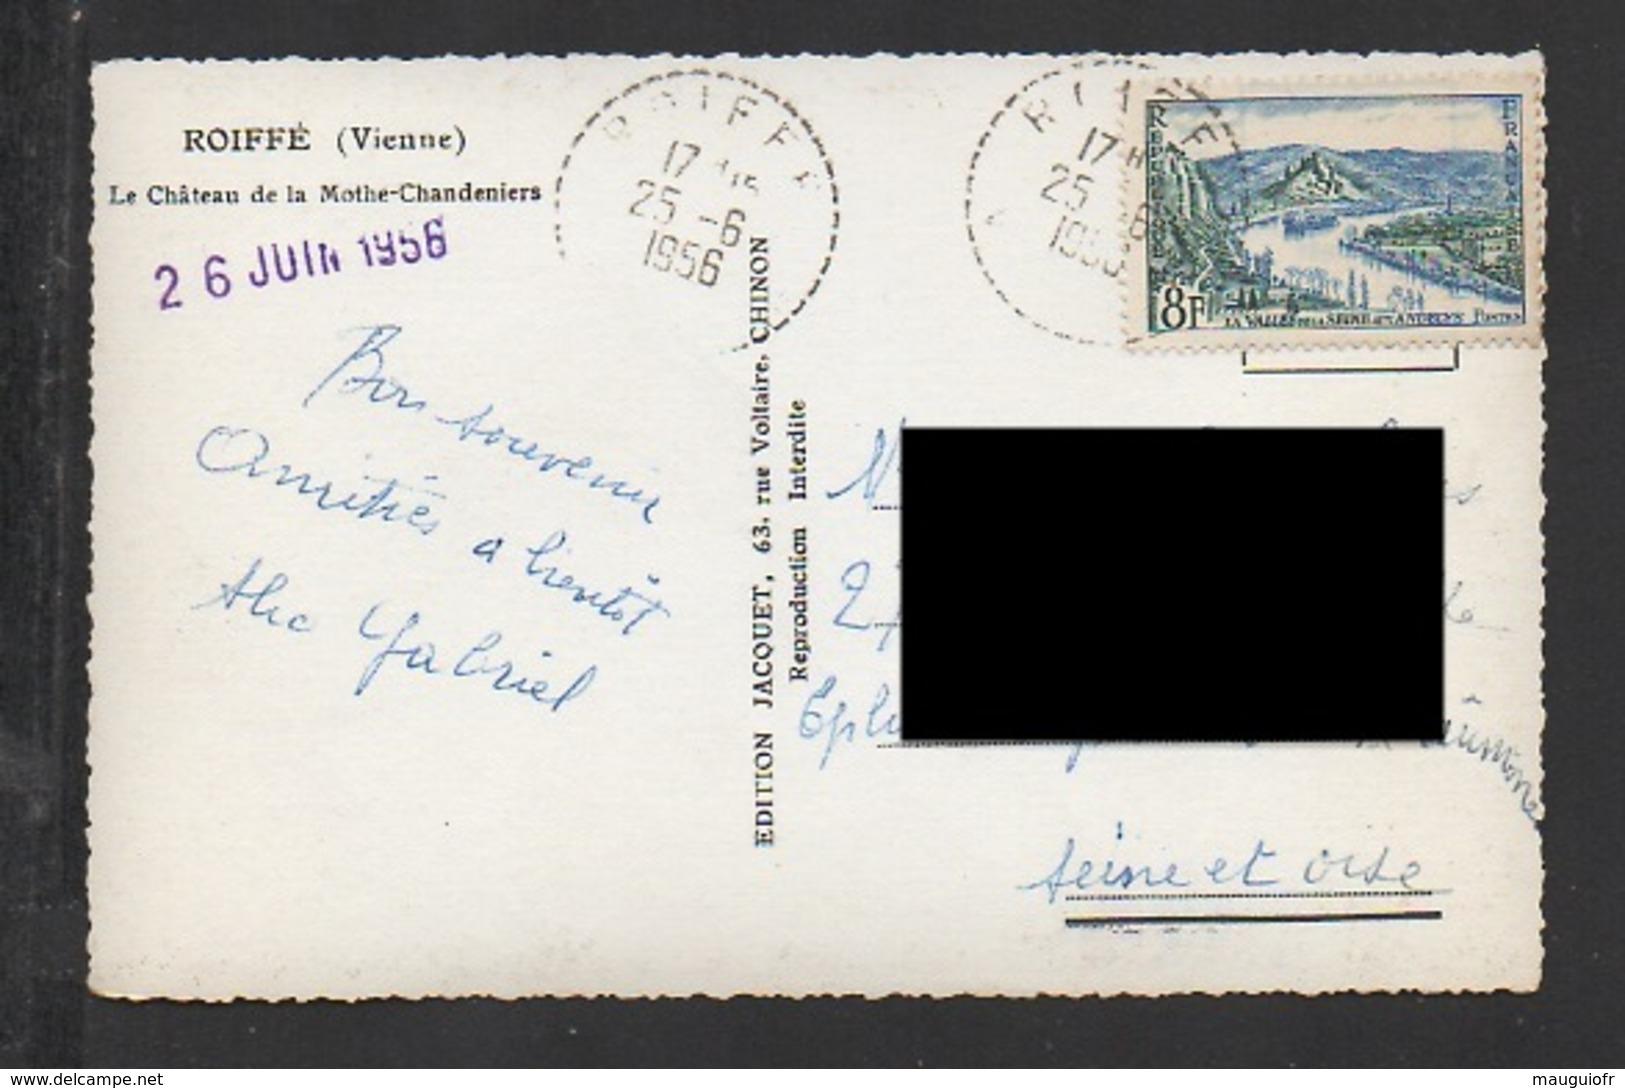 DD / 86 VIENNE / ROIFFÉ / LE CHÂTEAU DE LA MOTHE-CHANDENIERS / CIRCULÉE EN 1956 - France